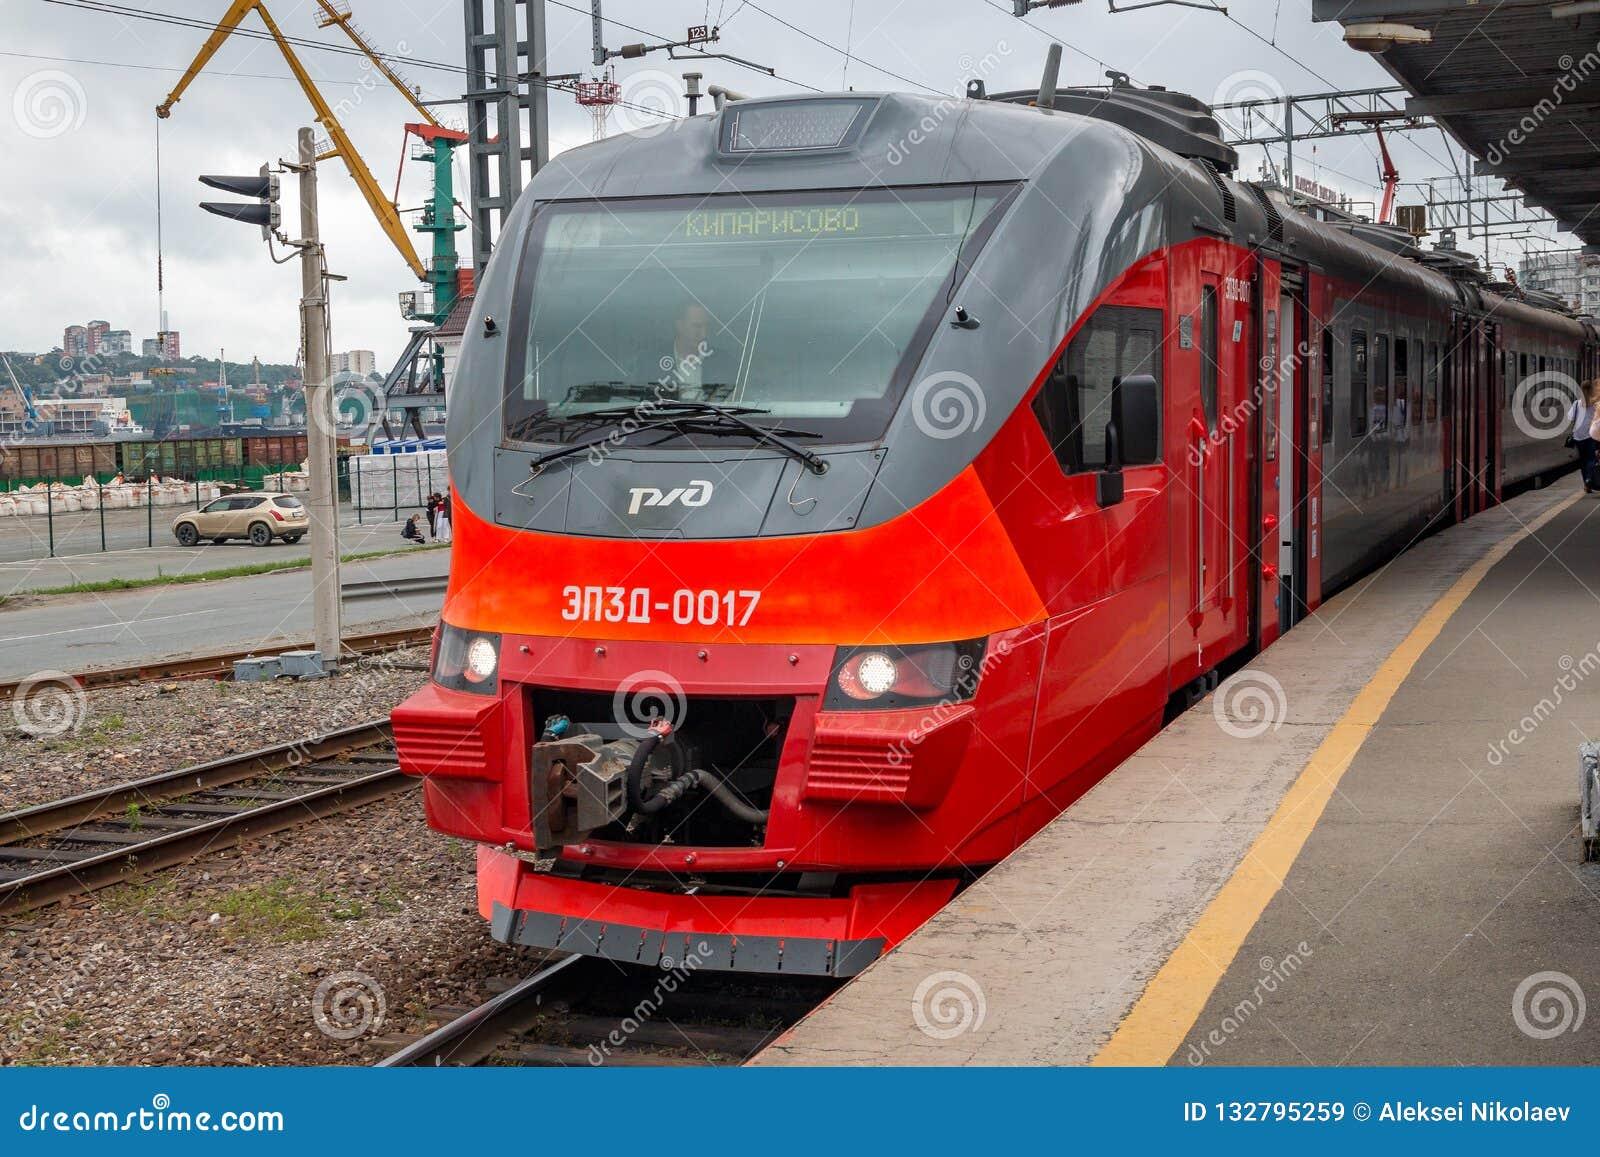 Uma unidade múltipla elétrica EP3D do trem moderno Servia as visitas dos convidados de fósforos de futebol do campeonato do mundo